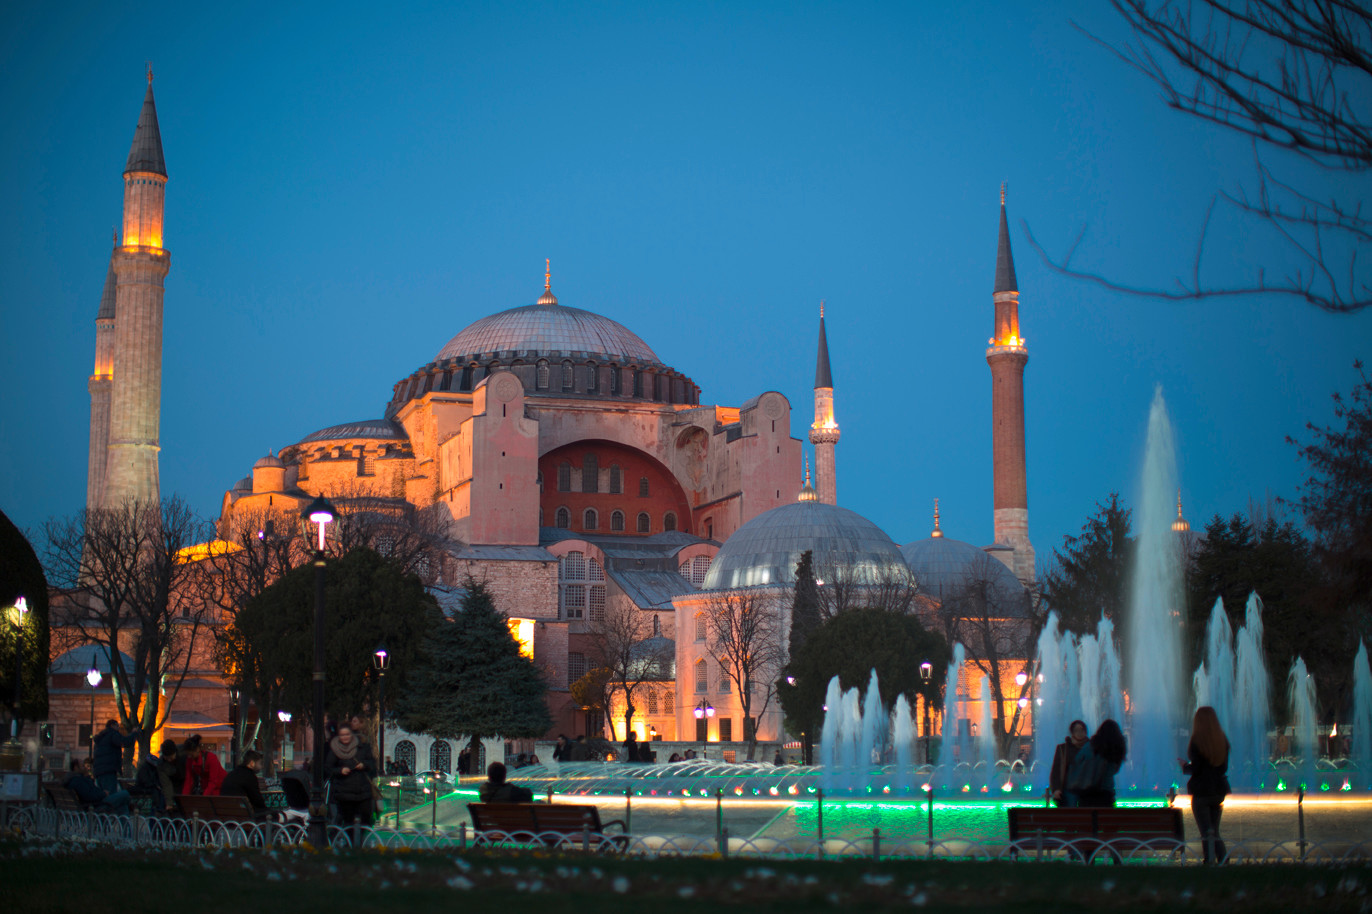 La basilique Sainte-Sophie d'Istanbul, joyau de la chrétienté, redevient mosquée